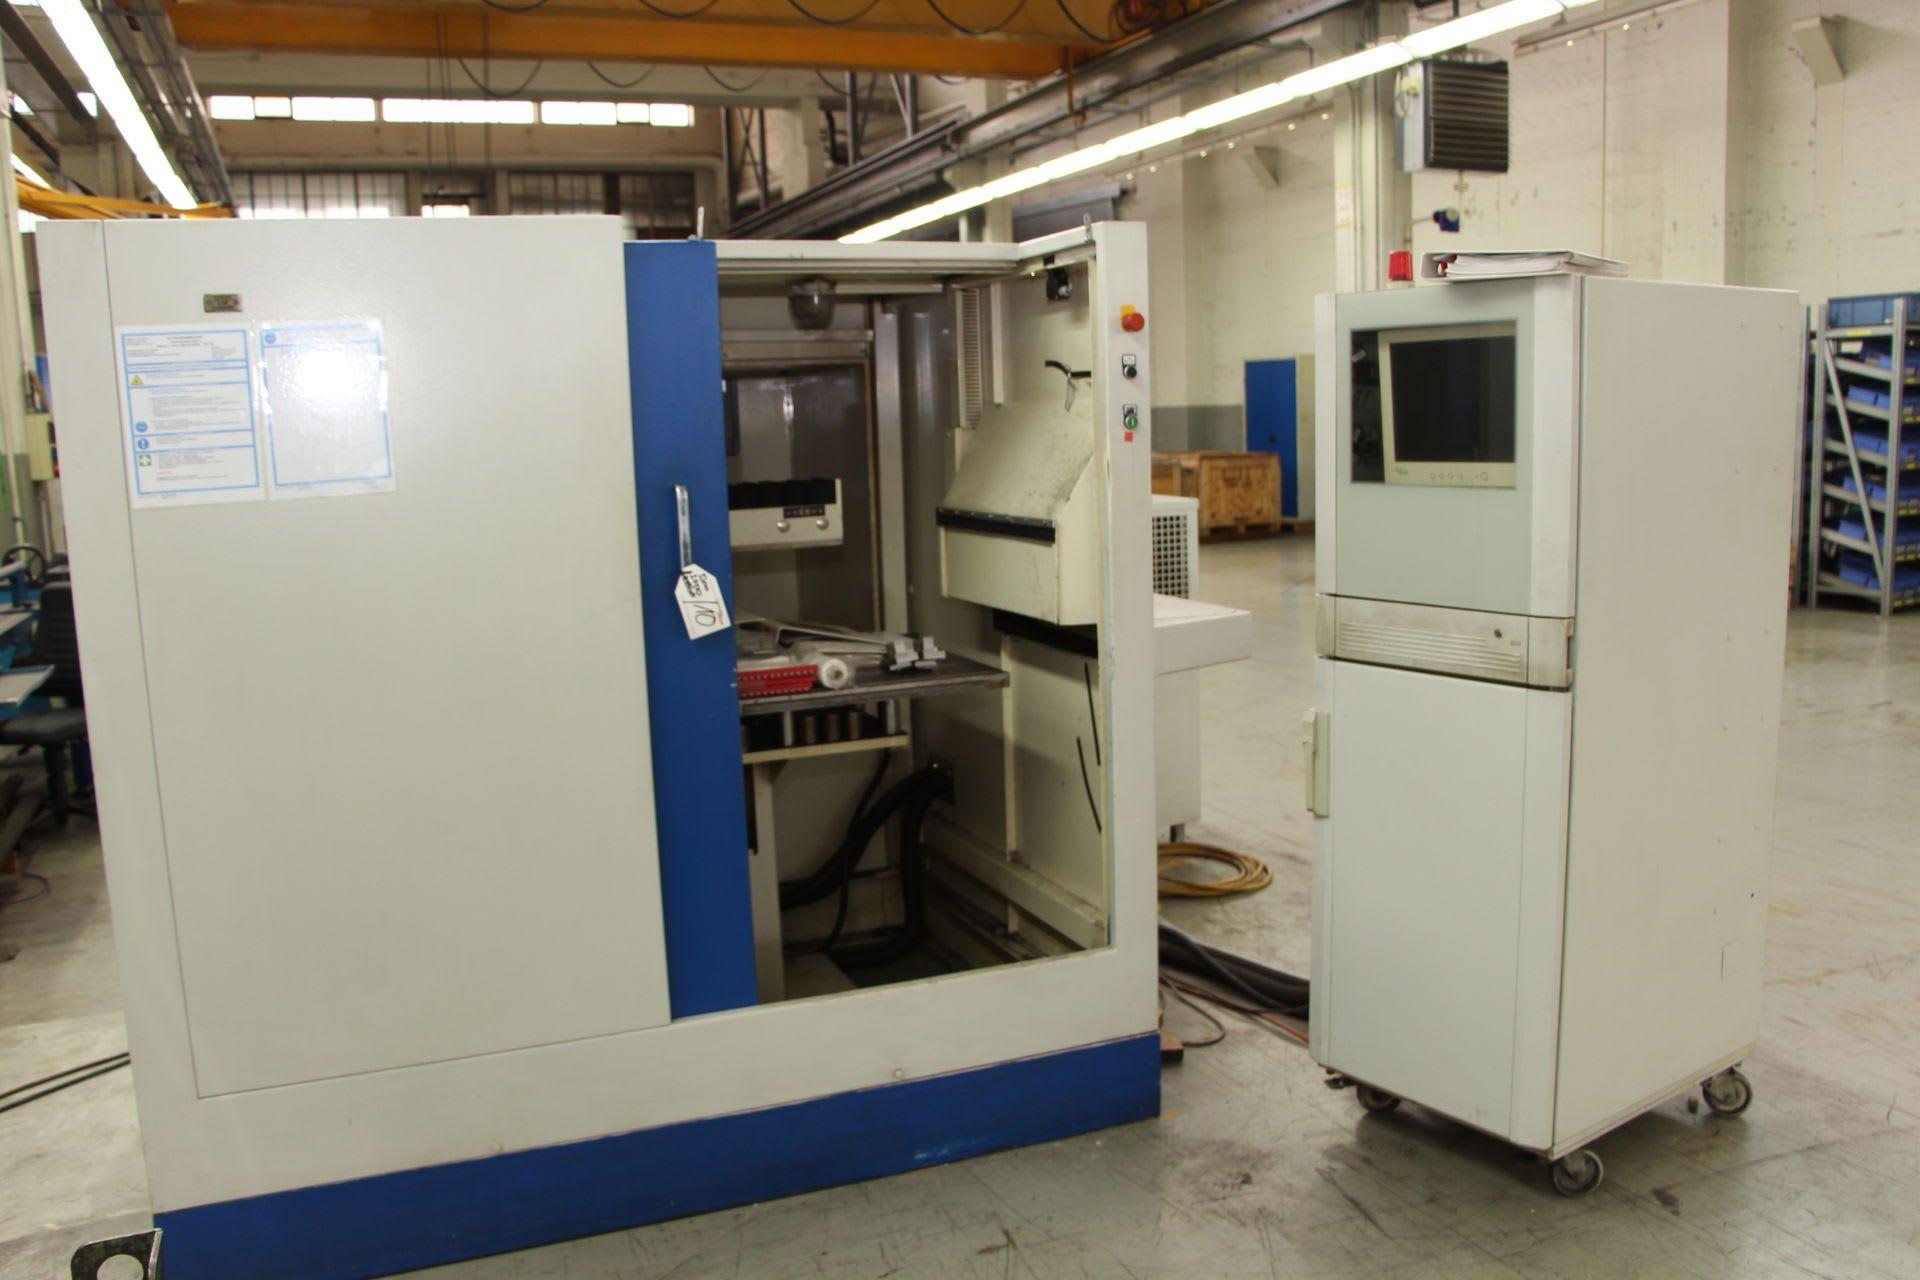 BAUBLYS UL 5032 Laserbeschriftungsanlage